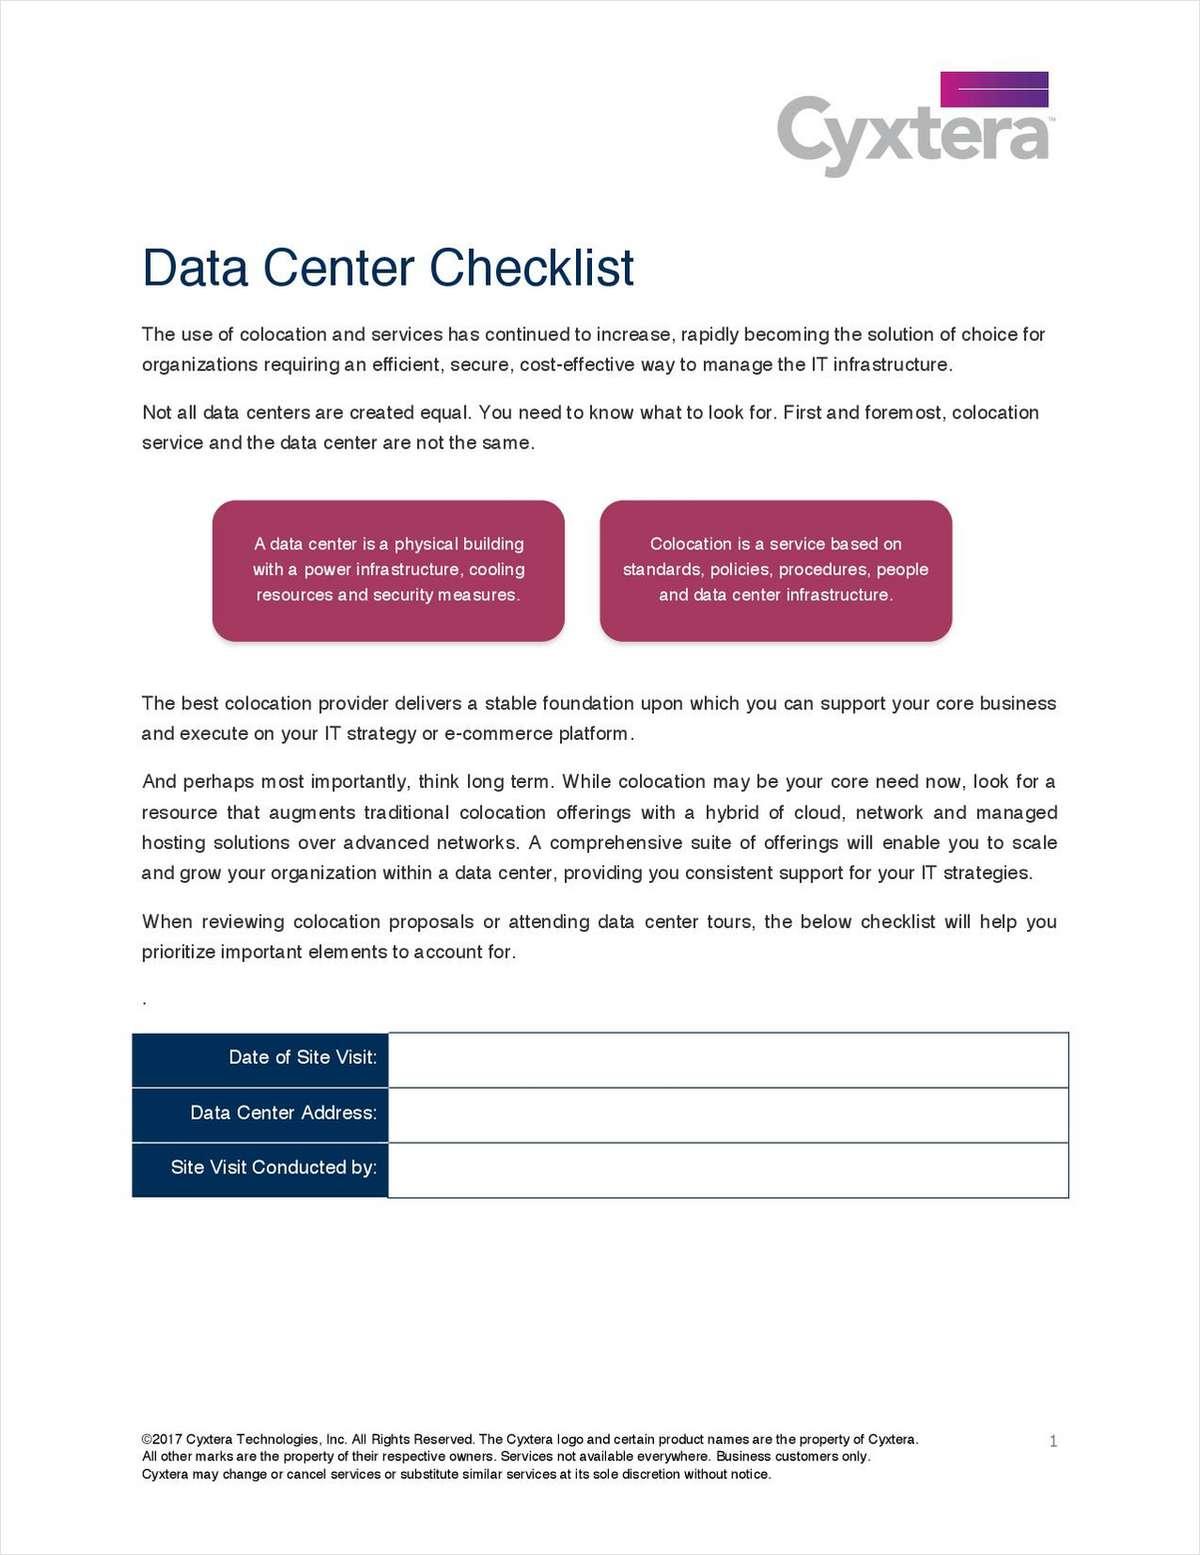 Data Center Service Provider Checklist